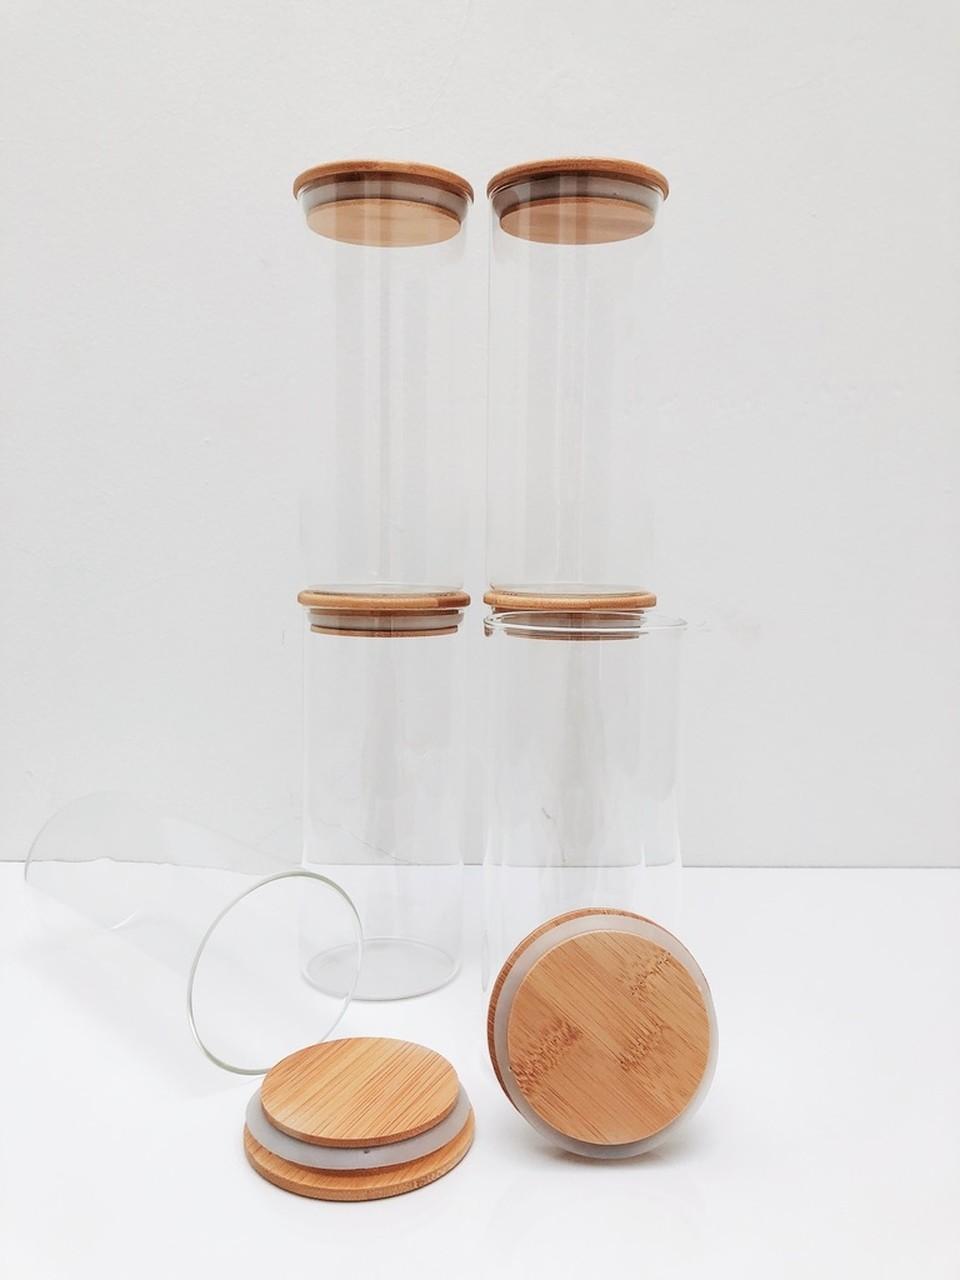 Kit Pote de Vidro com Tampa de Bambu 800ml - 6 Peças  - CASACOBRE